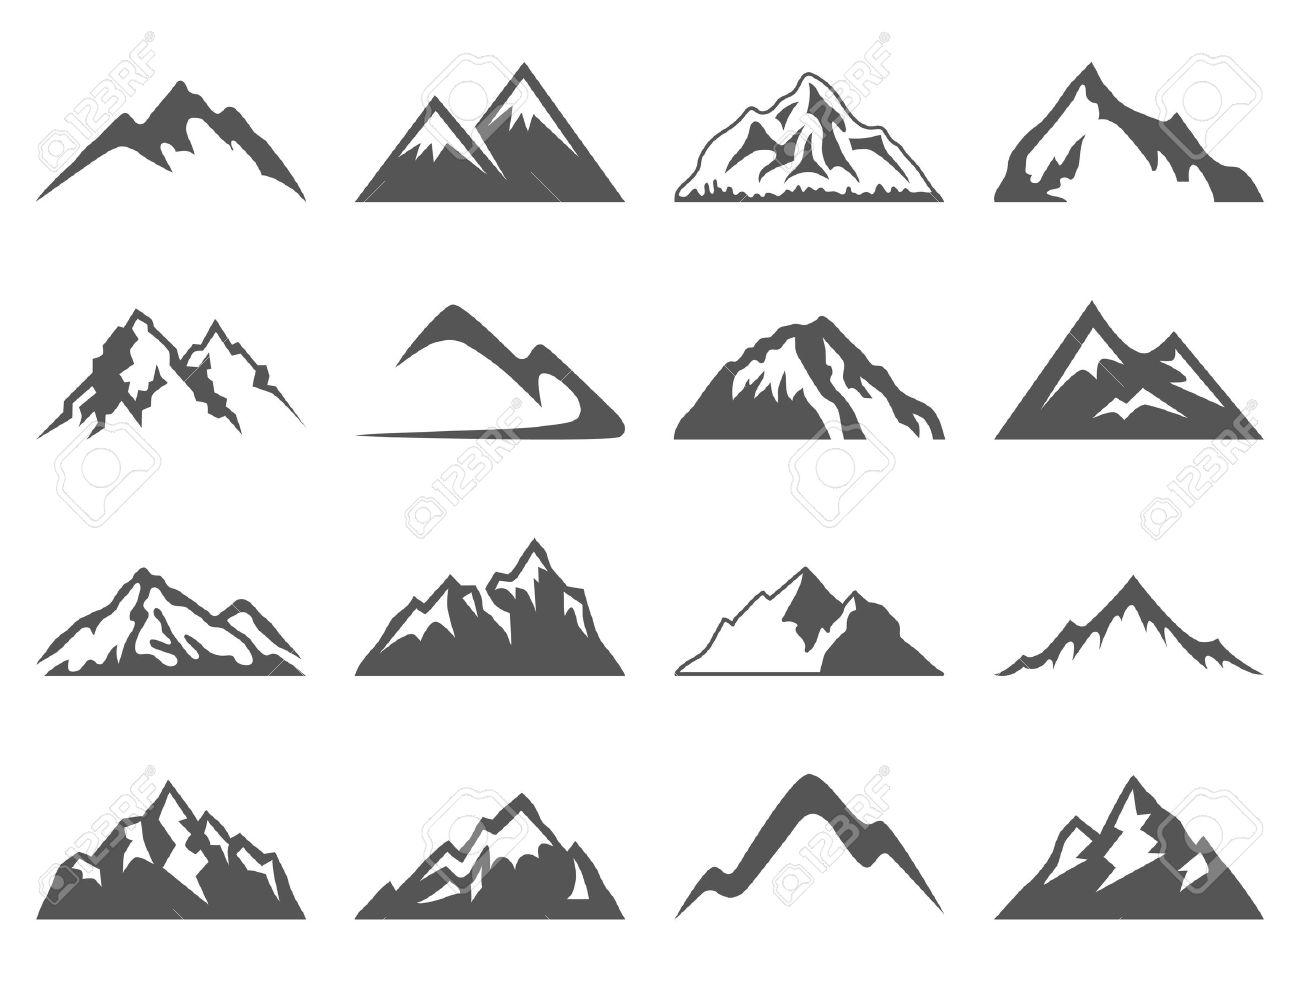 Mountain Logo Stock Photos & Pictures. Royalty Free Mountain Logo ...